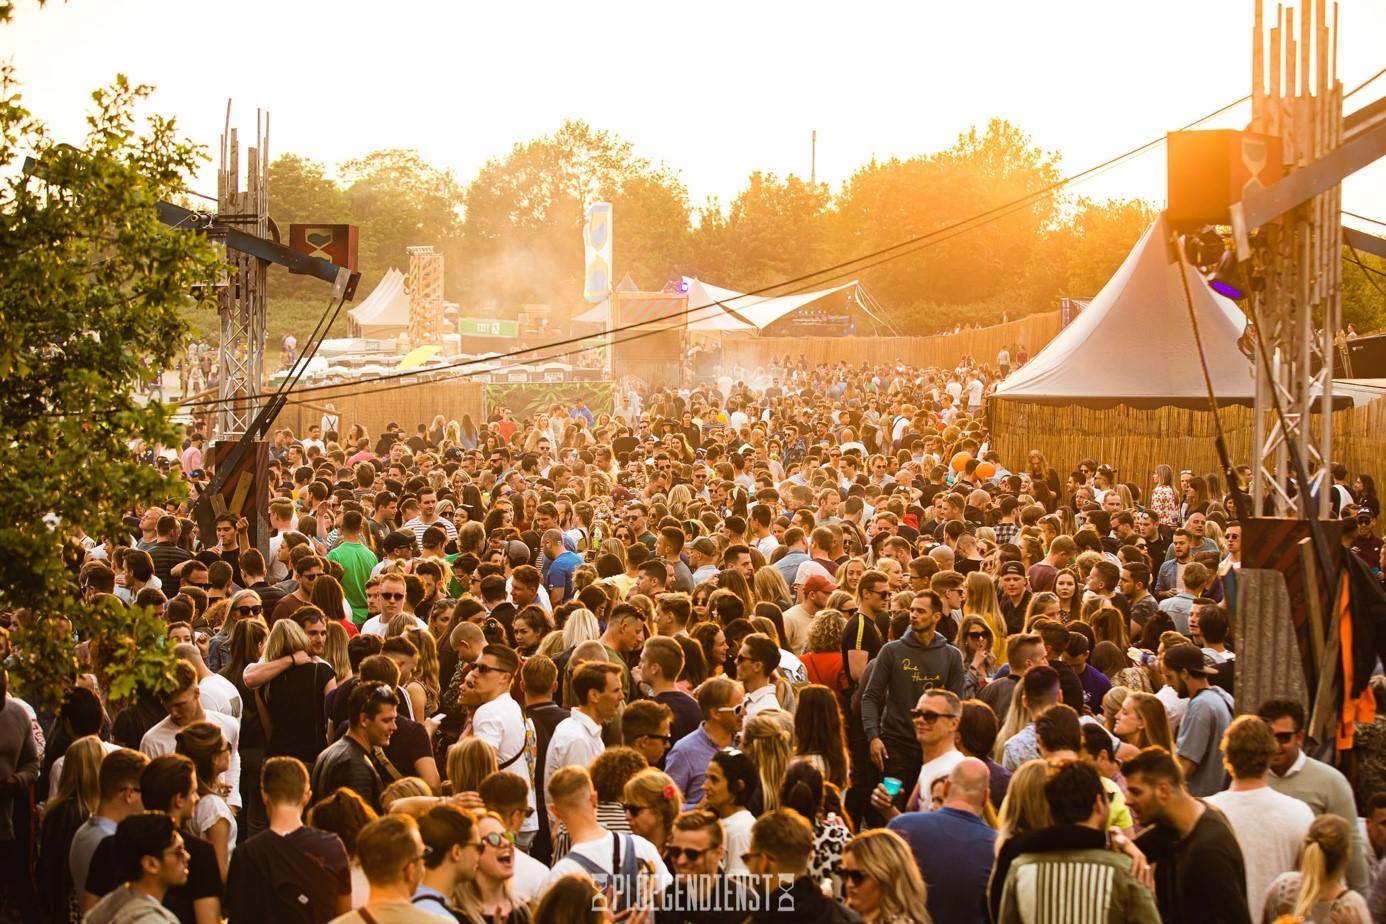 Primeur voor Ploegendienst: 10.000 man per dag op eerste festival van Breda, 'Heel bizar'